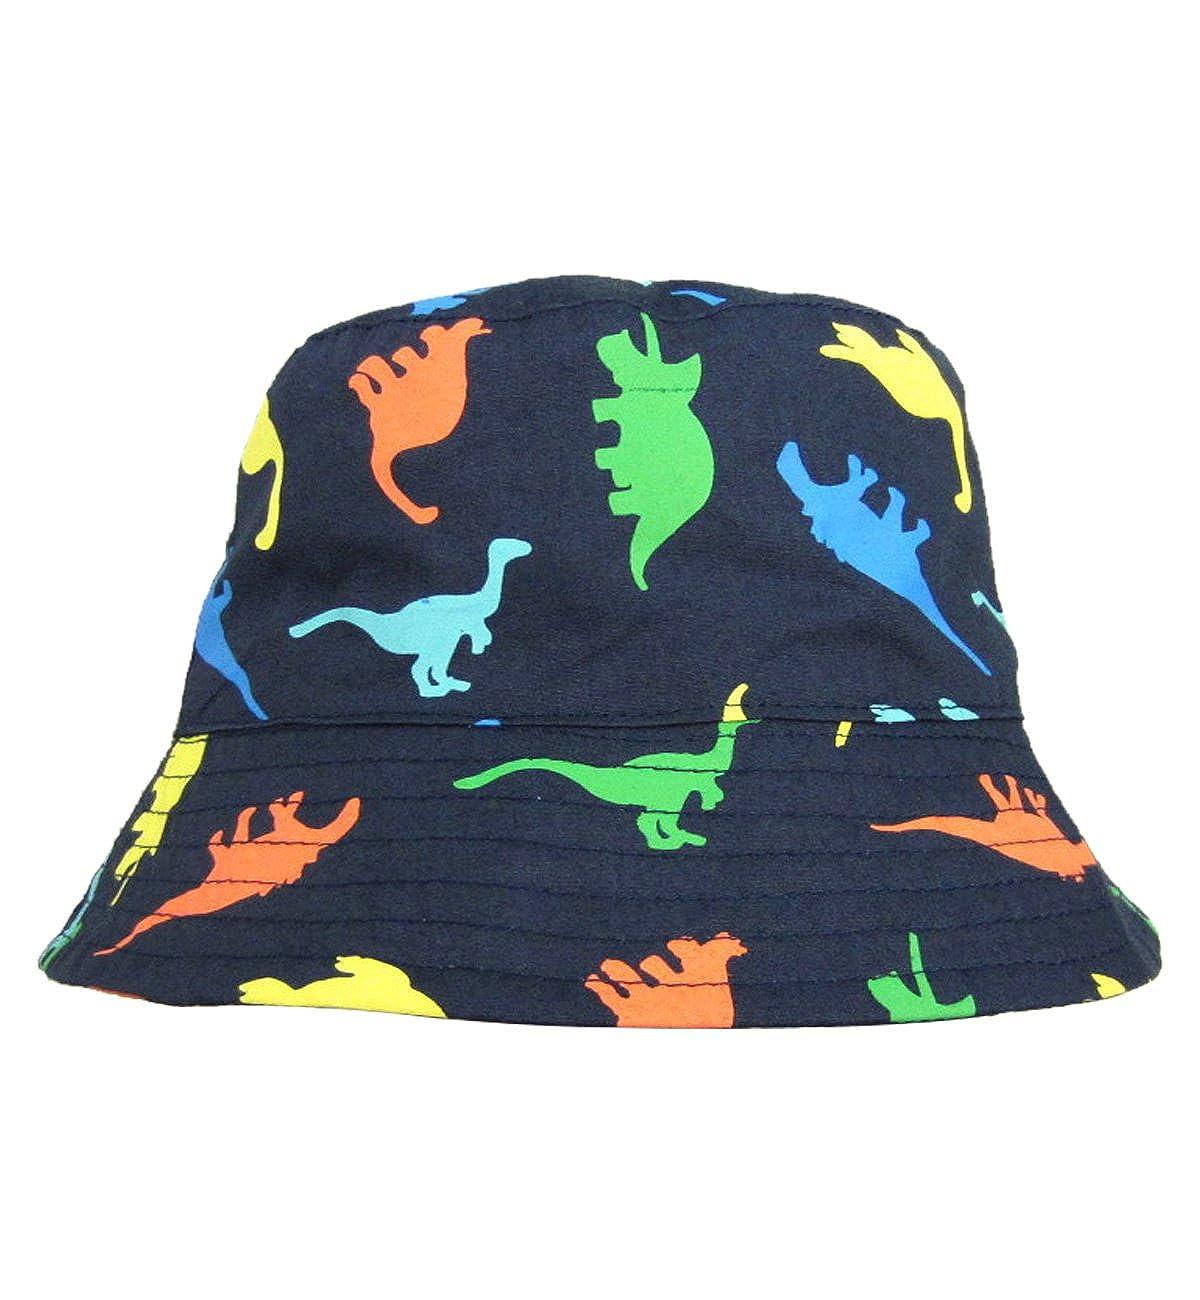 Sumolux Cappello Sole da Bambino Stampa Dinosauri Multicolori Capellino di Benna Blu Scuro per Bambini Neonati